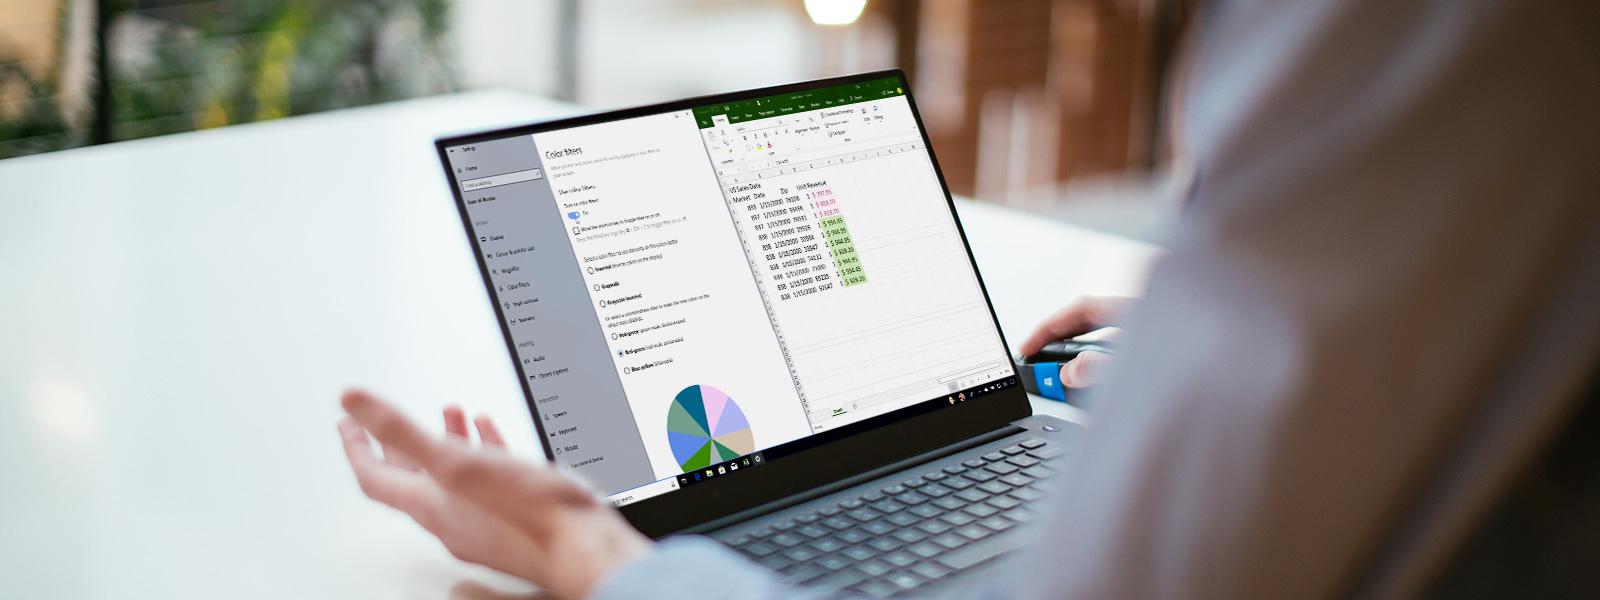 Persona che utilizza un computer portatile con i filtri per i colori abilitati in Windows 10